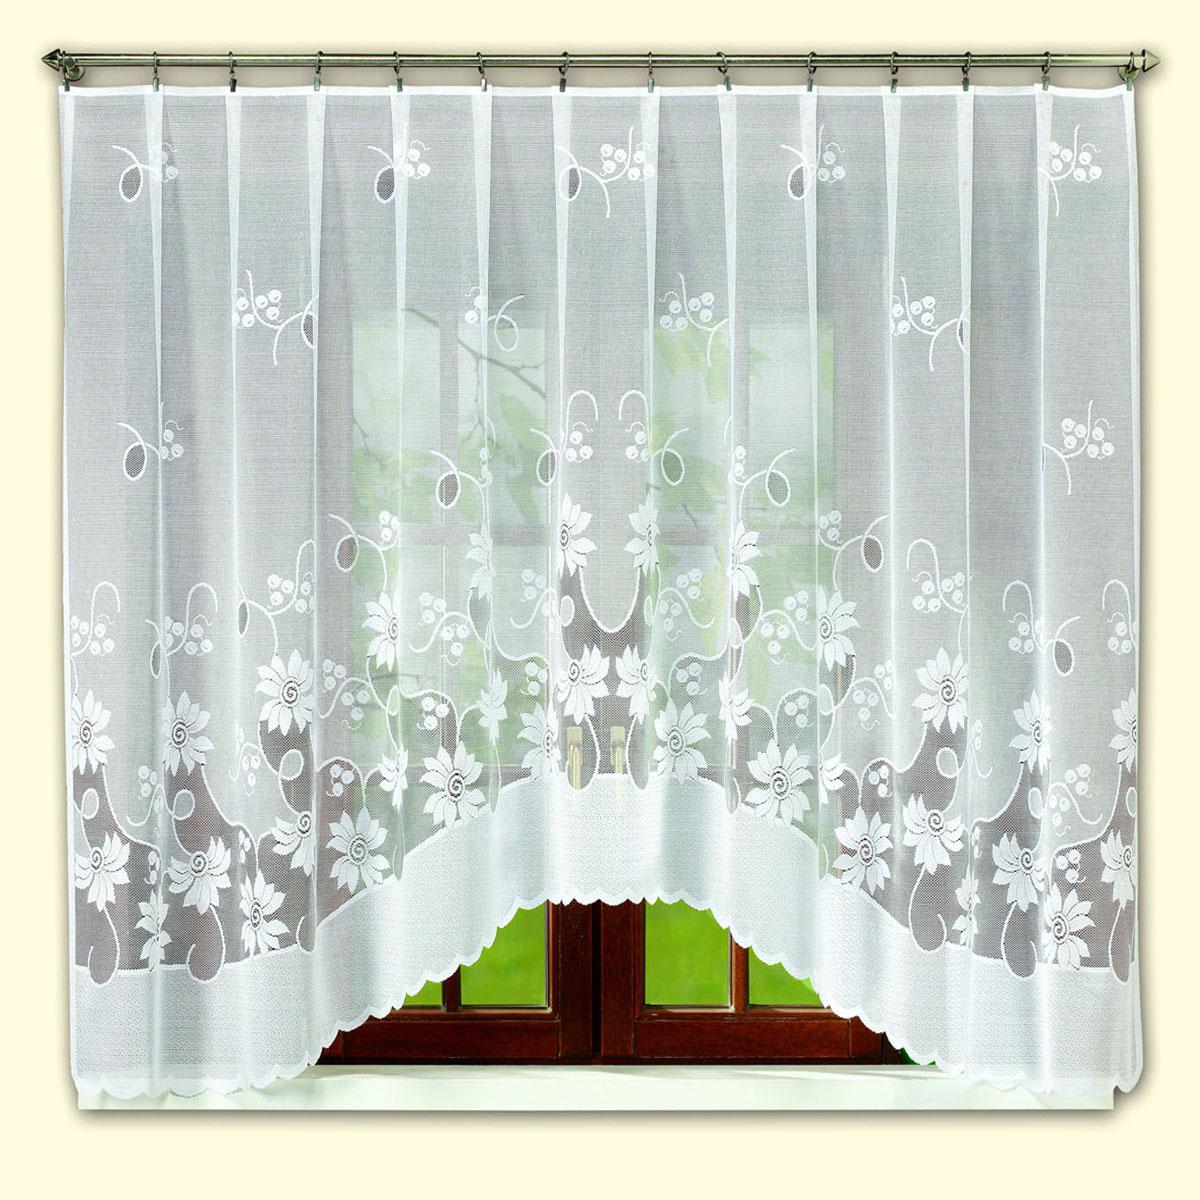 Гардина Haft, цвет: белый, высота 145 см. 46171/1454617/175Гардина Haft изготовленная из полиэстера, станет изюминкой интерьера вашей комнаты.